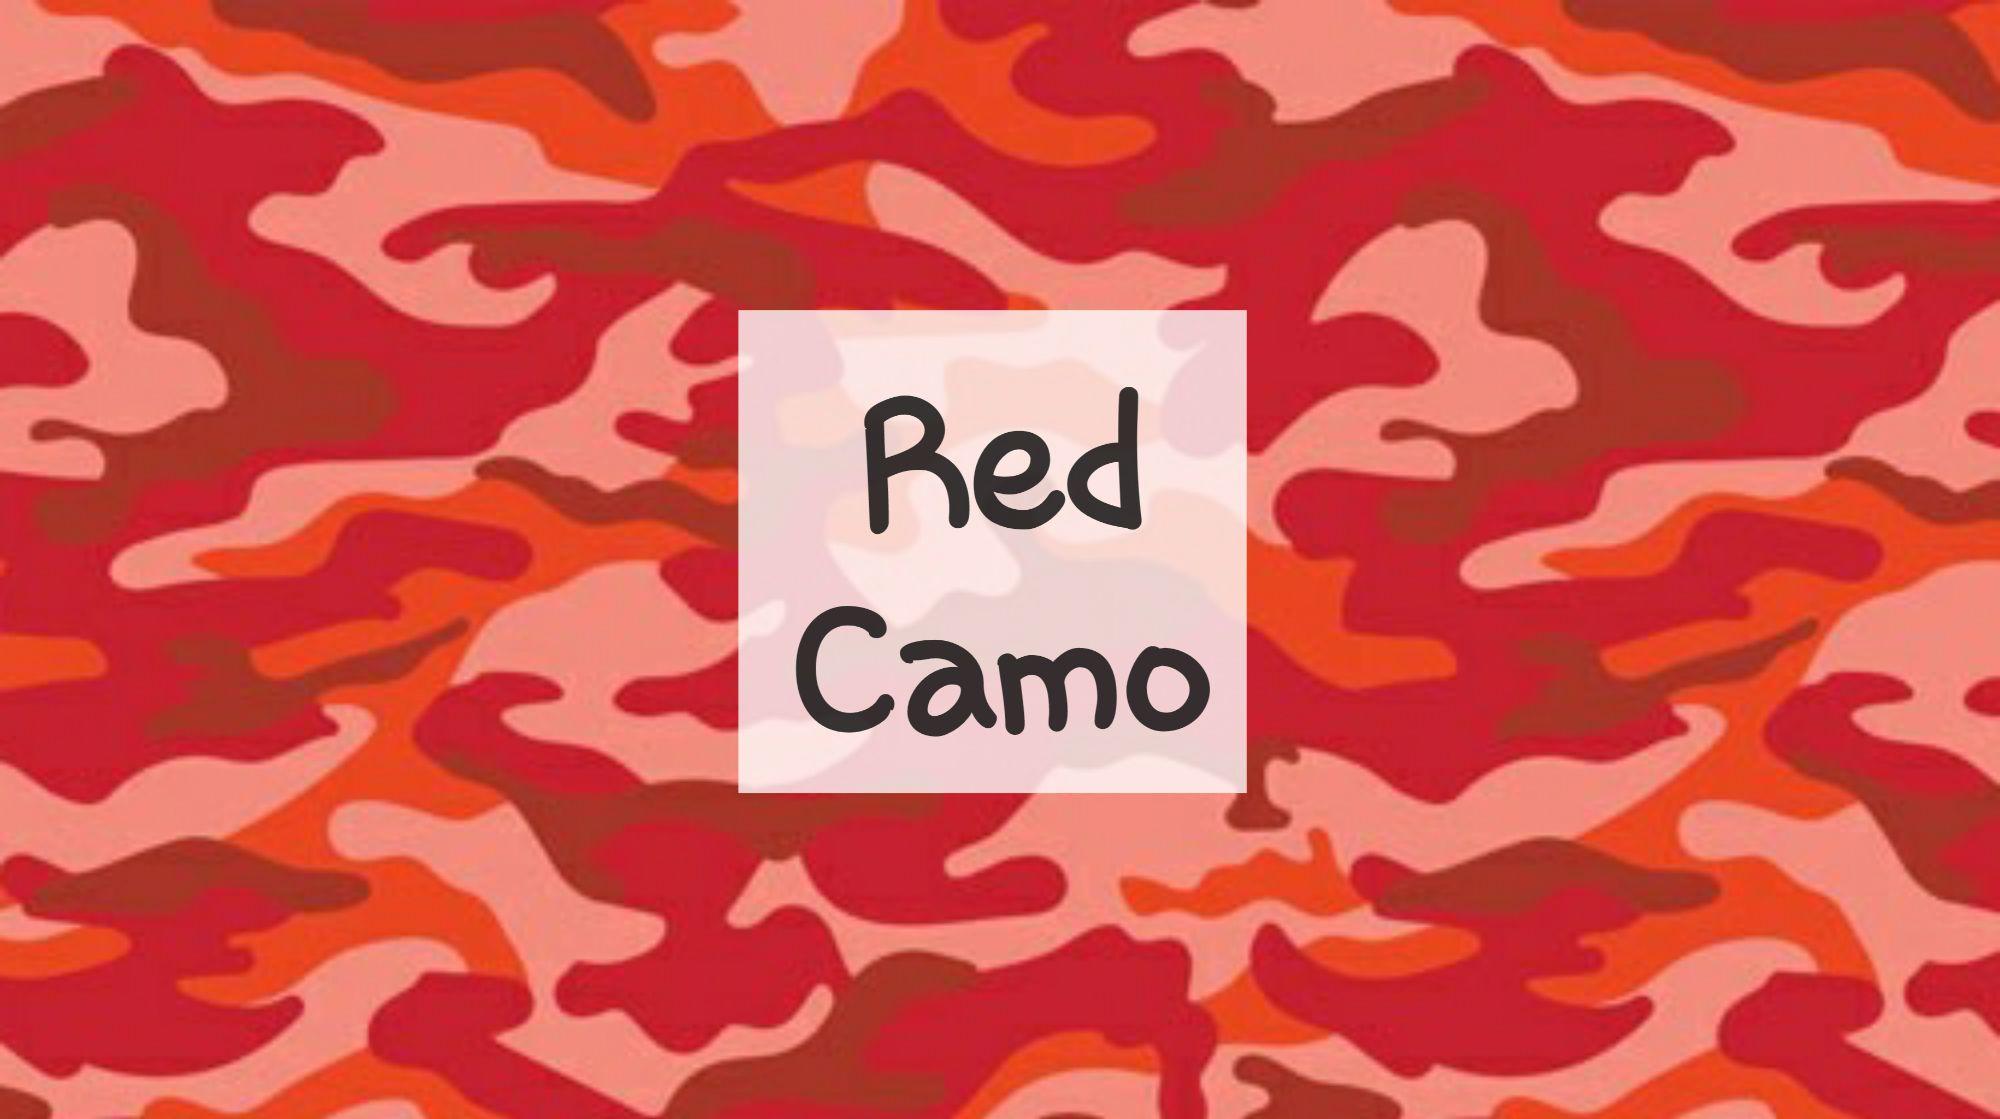 Red Camo